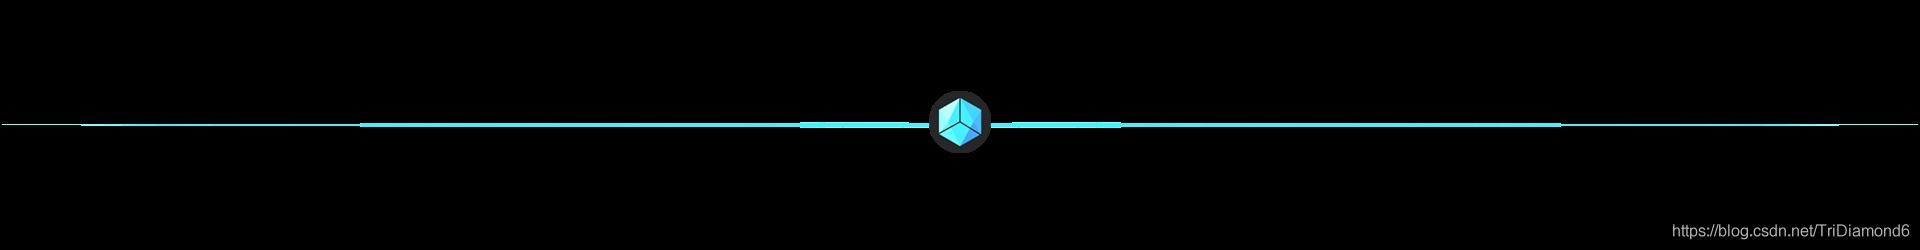 实战中学习浏览器工作原理「一」三钻 - 之前端到全栈之路-